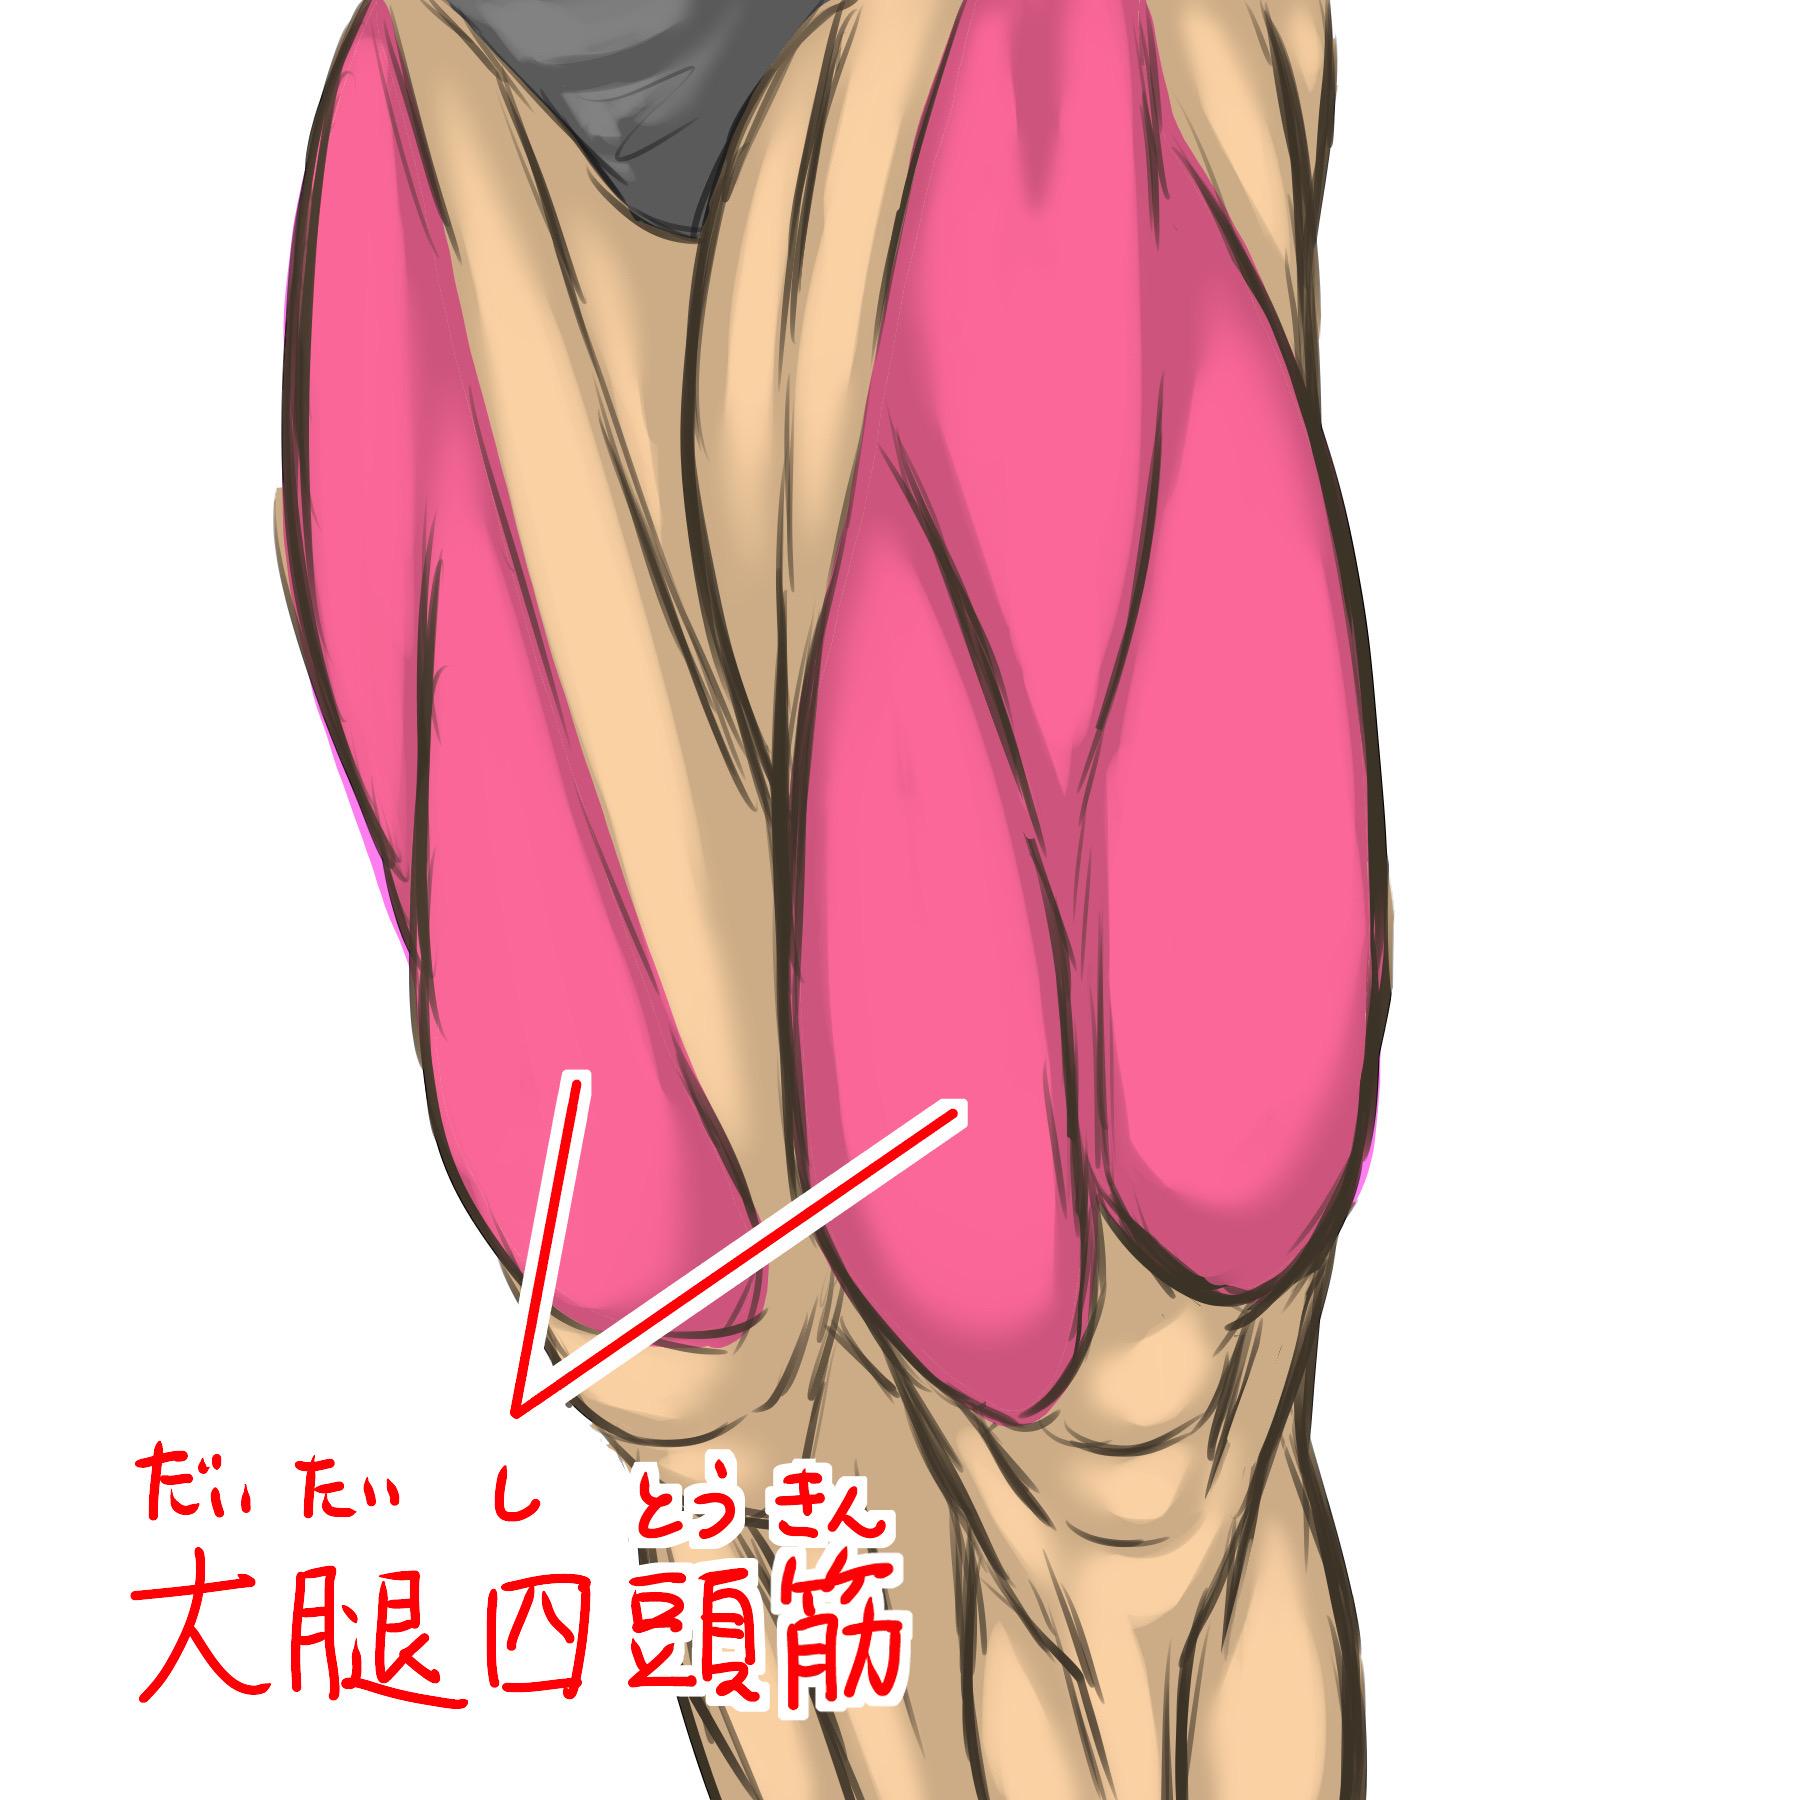 大腿四頭筋のイラスト